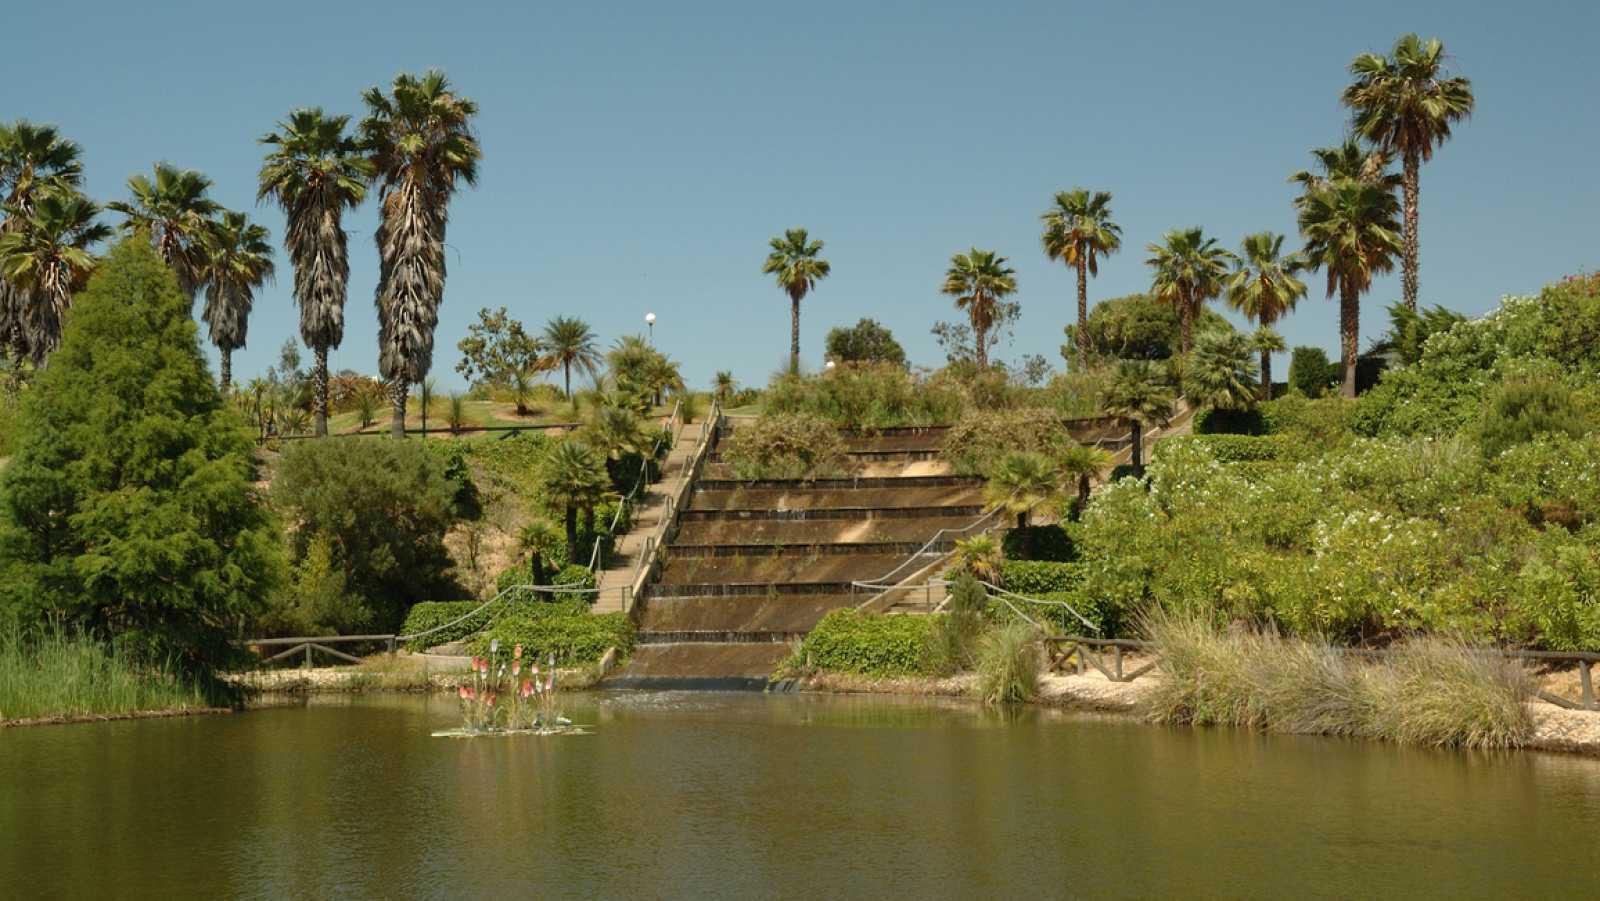 Encuentro entre dos mundos - Paseo por el parque botánico José ...